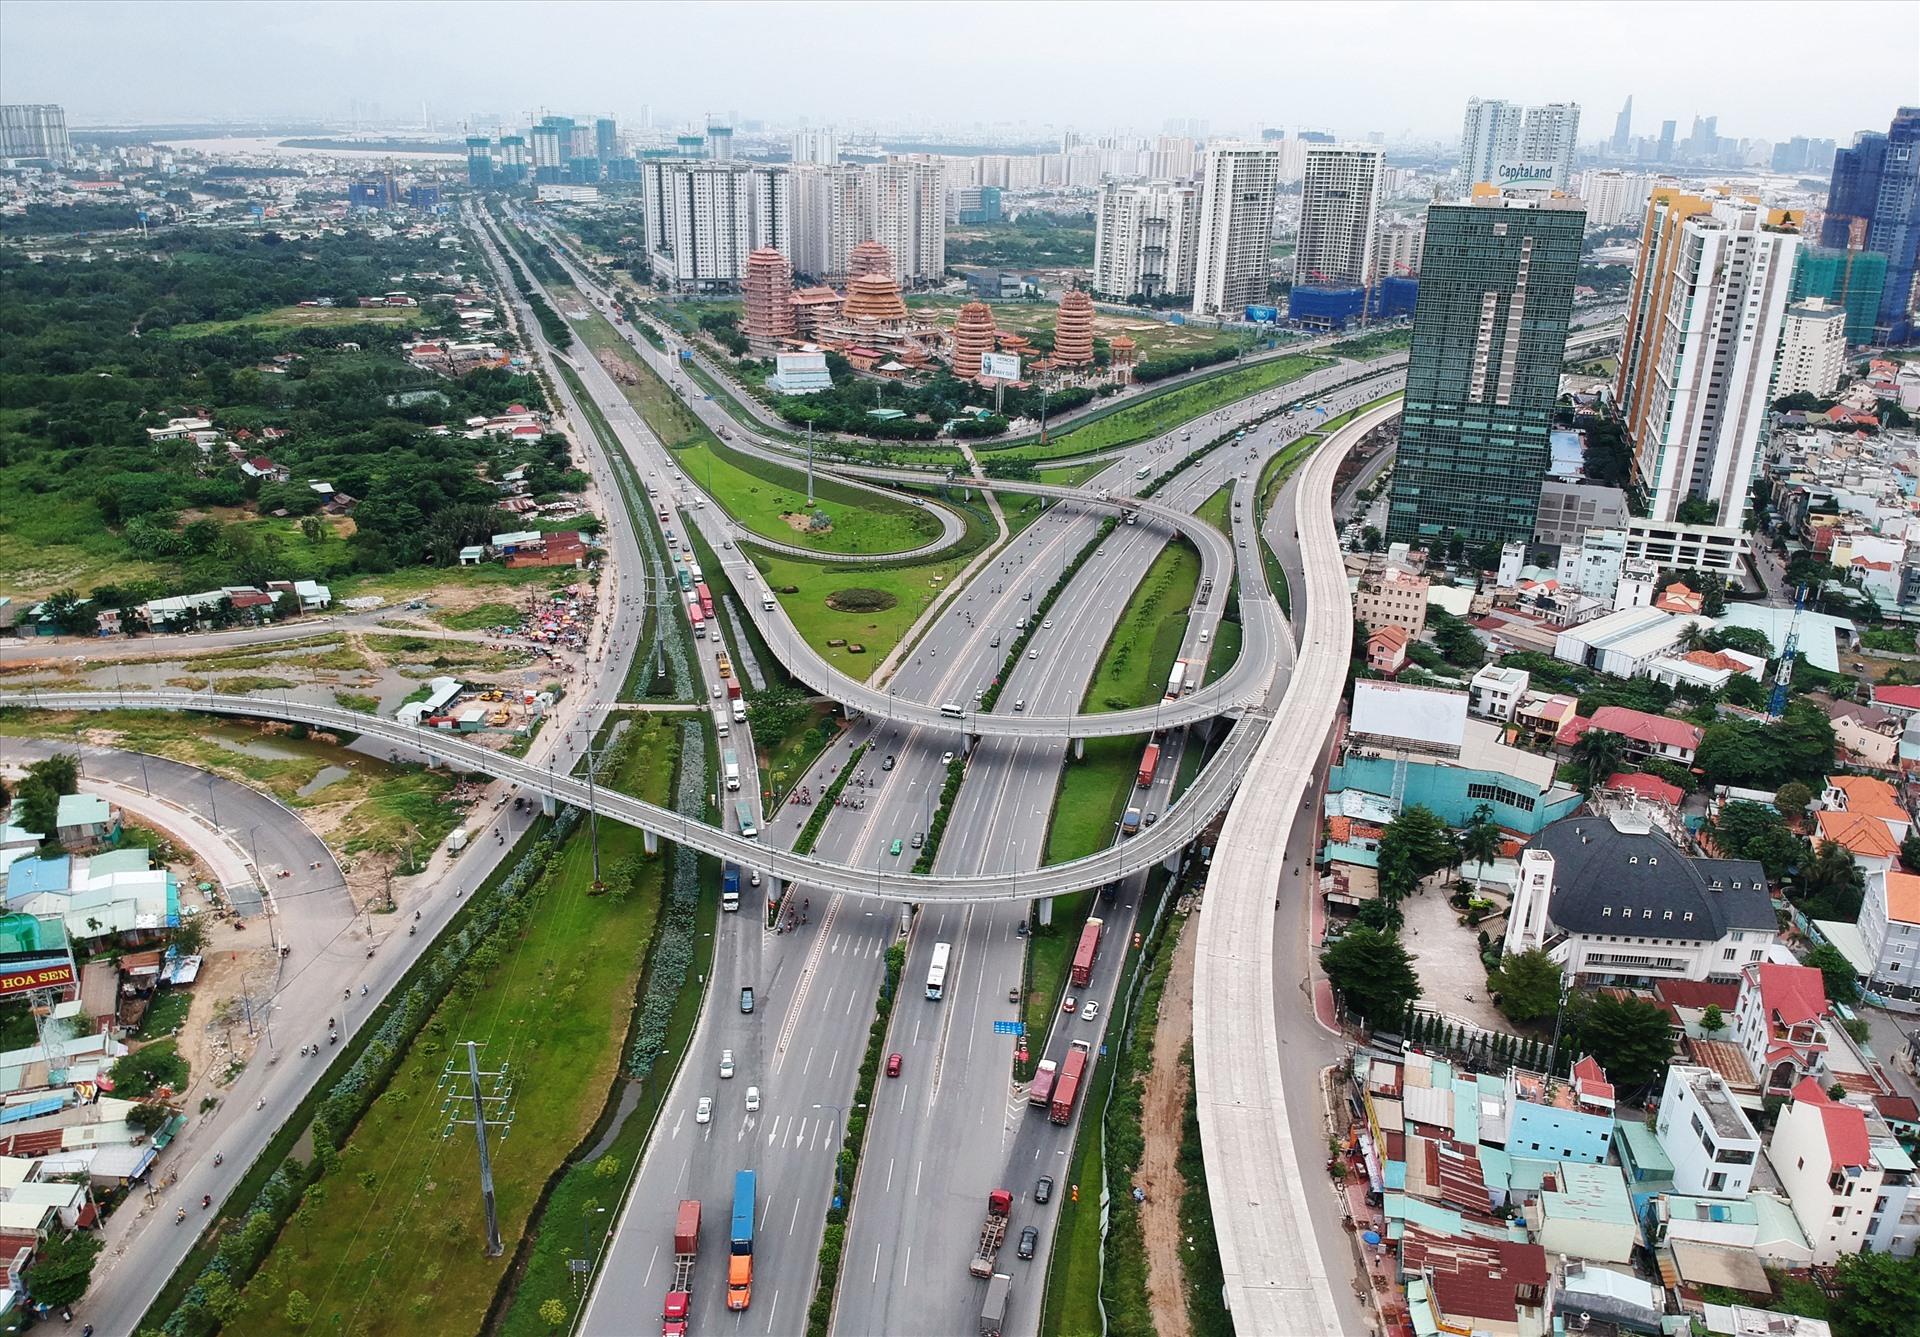 Mạng lưới giao thông kết nối và hiện đại là ưu thế để Đồng Nai thu hút các nhà đầu tư trong và ngoài nước